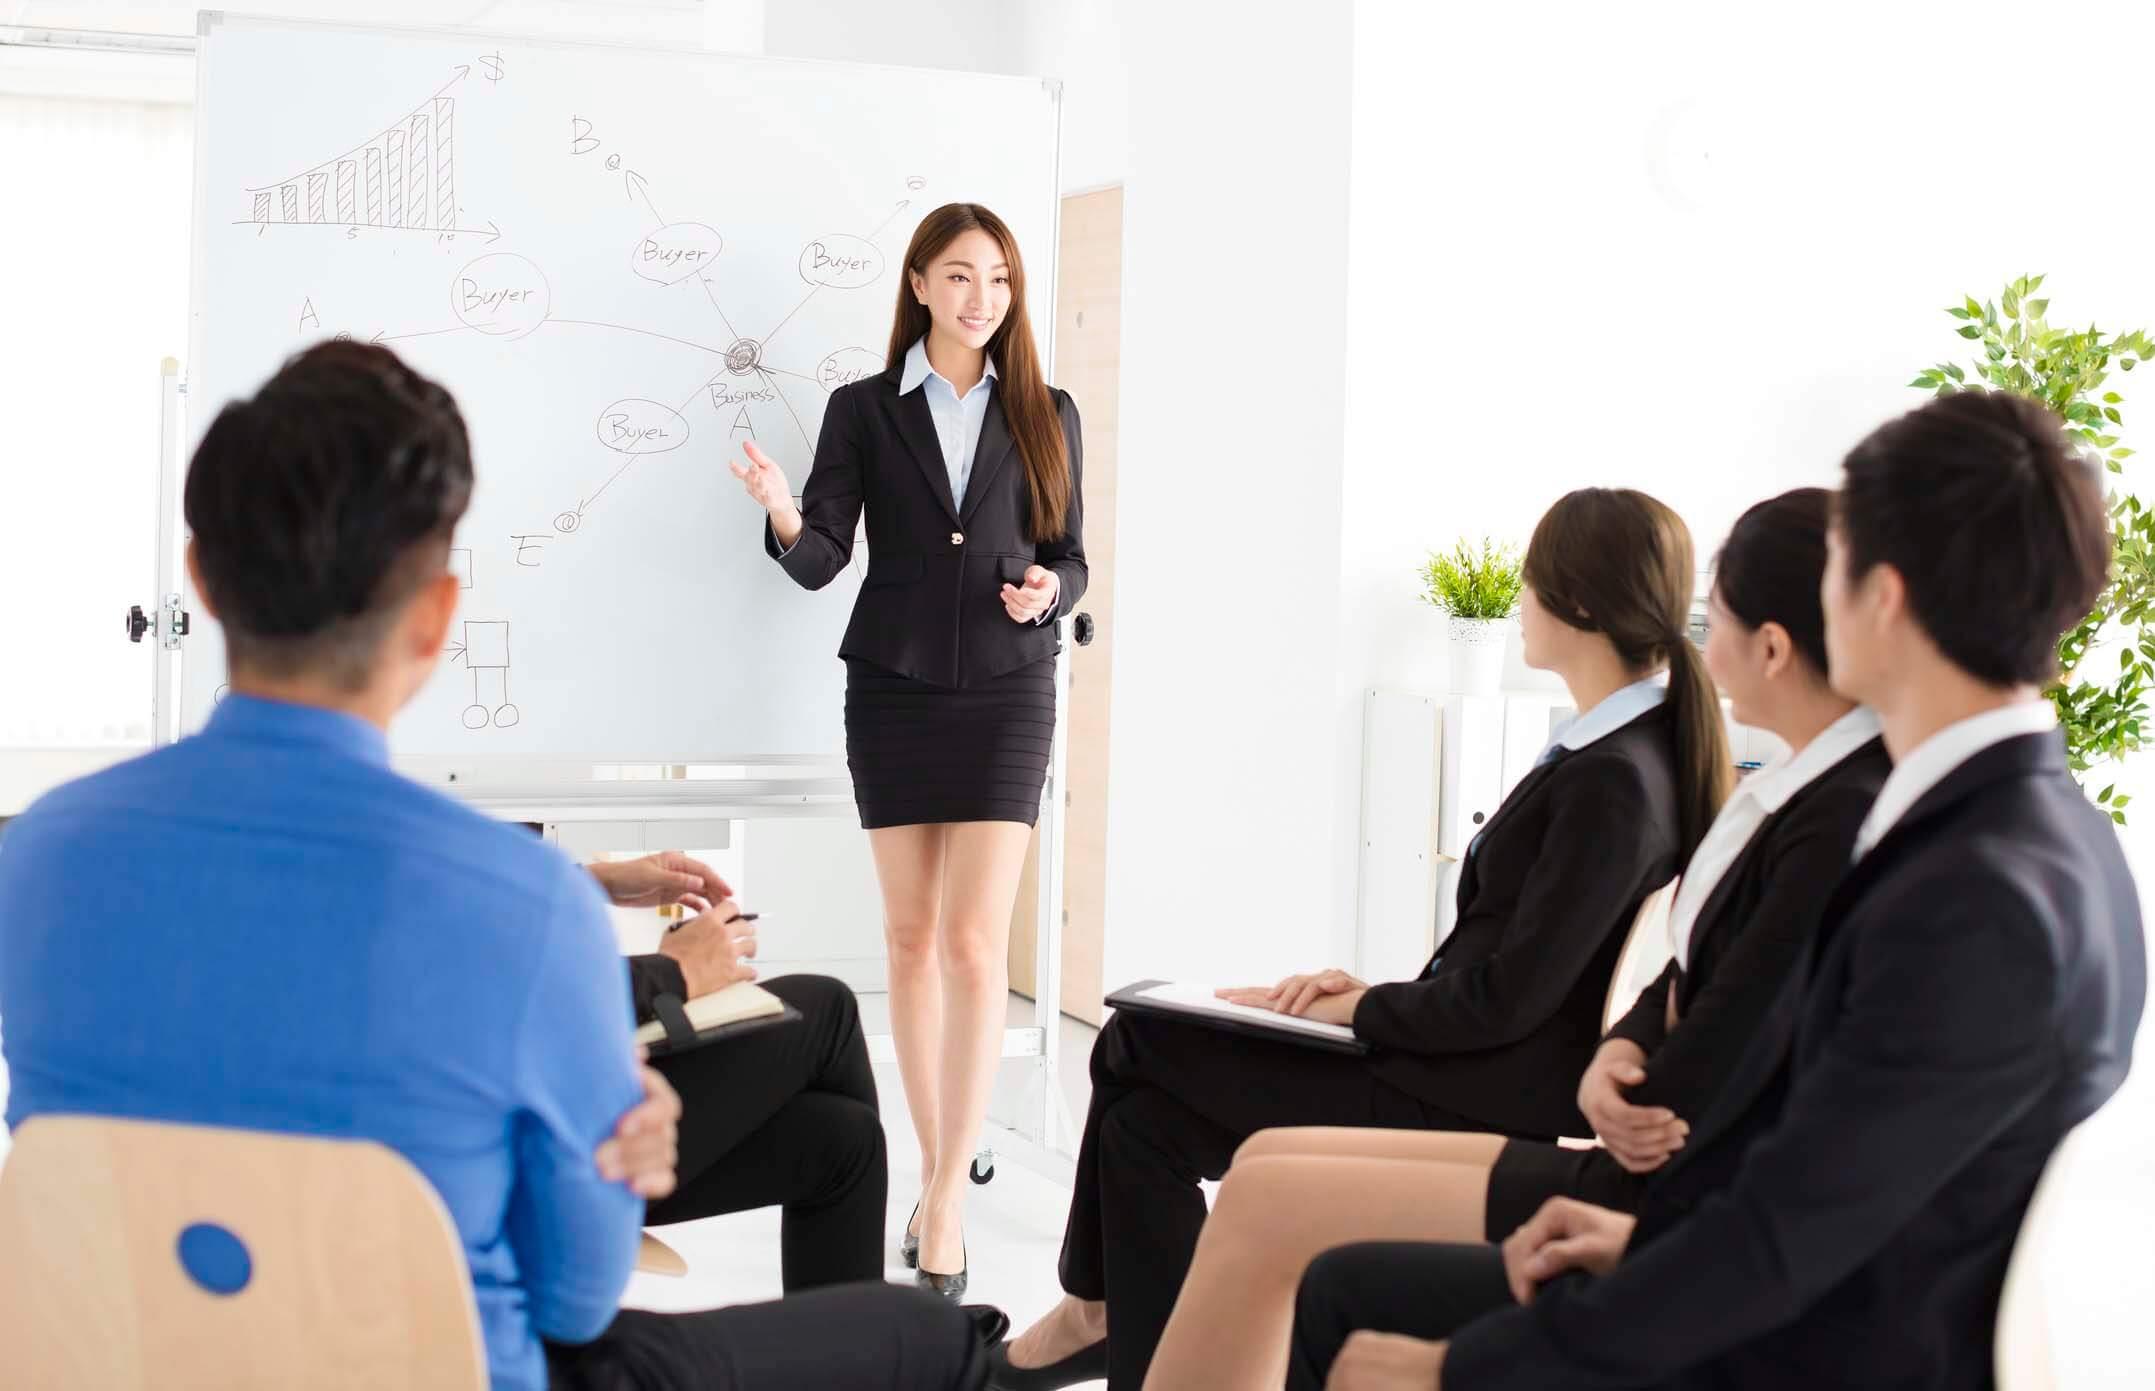 Làm Sao Để Học Cách Tự Tin Trước Đám Đông? - Kotex GirlSpace